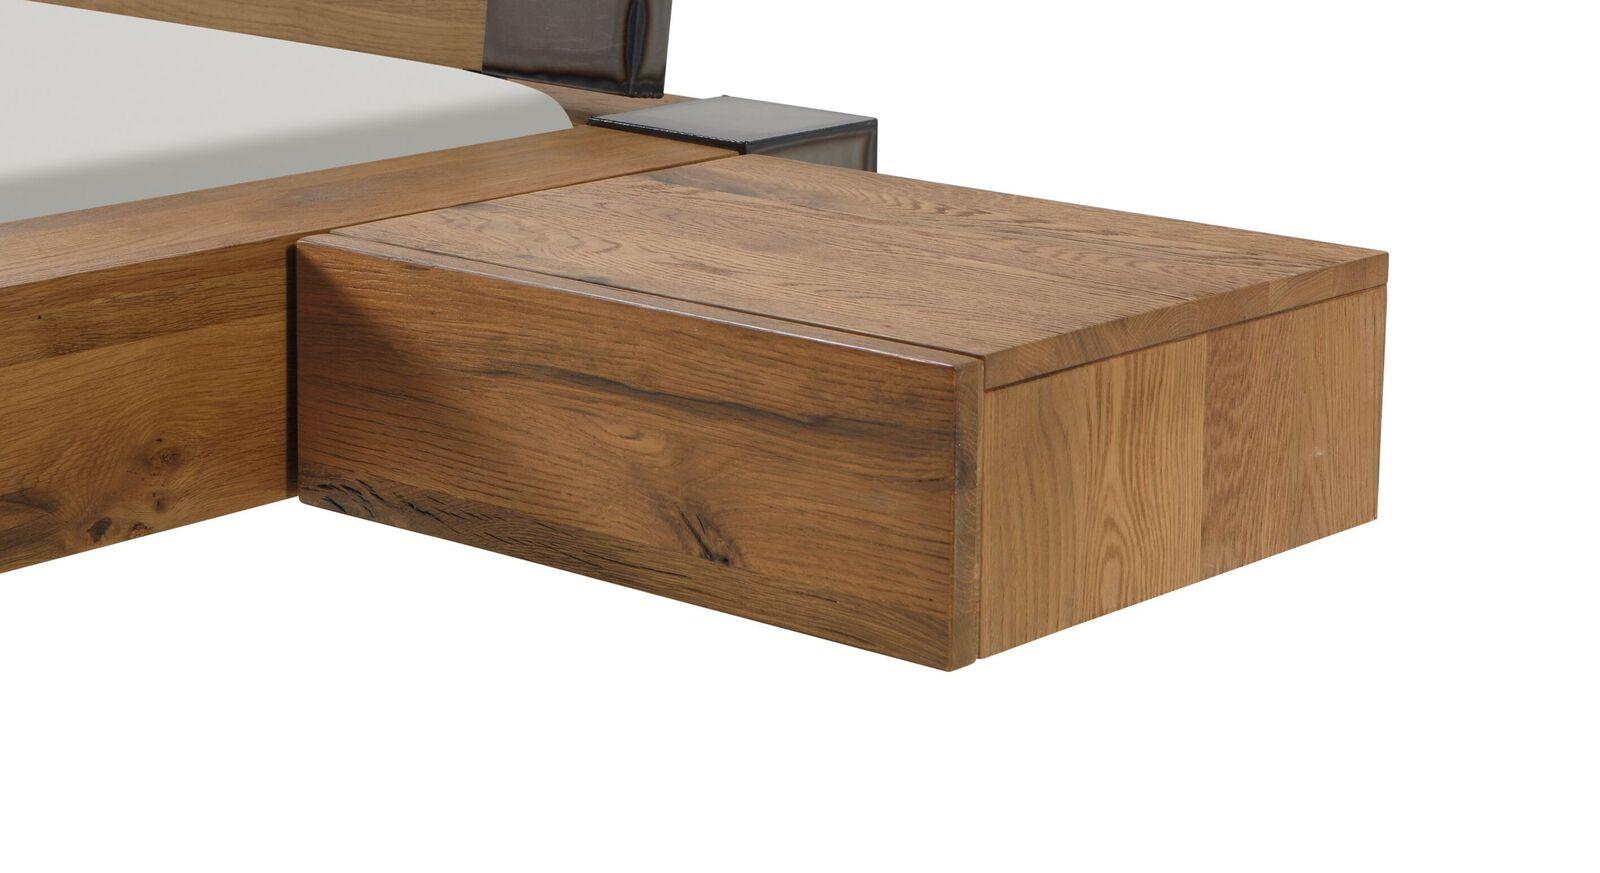 Einhänge-Nachttisch Liro aus Wildeiche natur